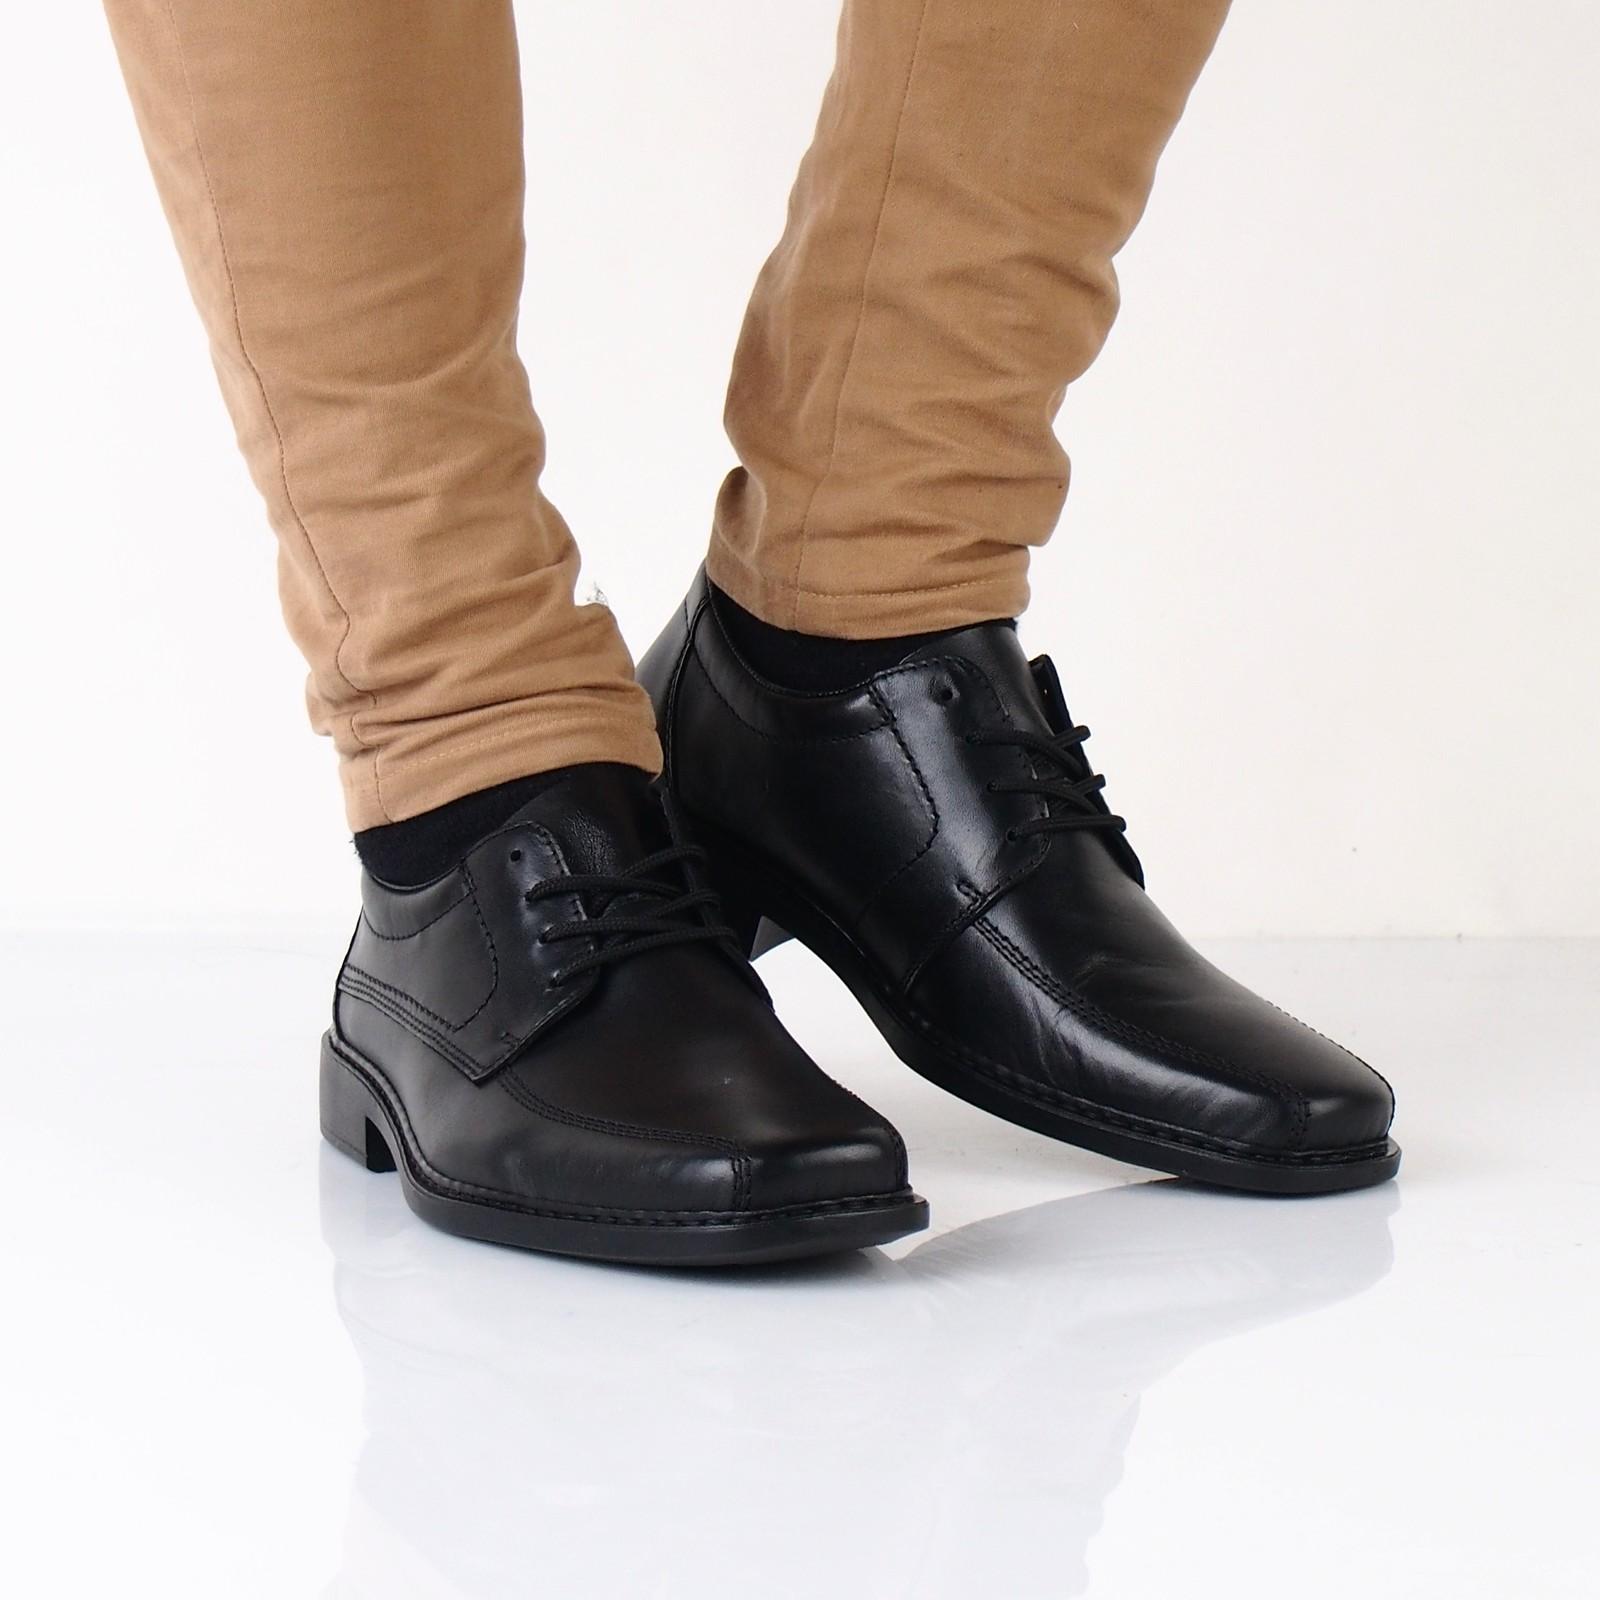 cd69351dc8 Rieker pánske spoločenské topánky - čierne ...